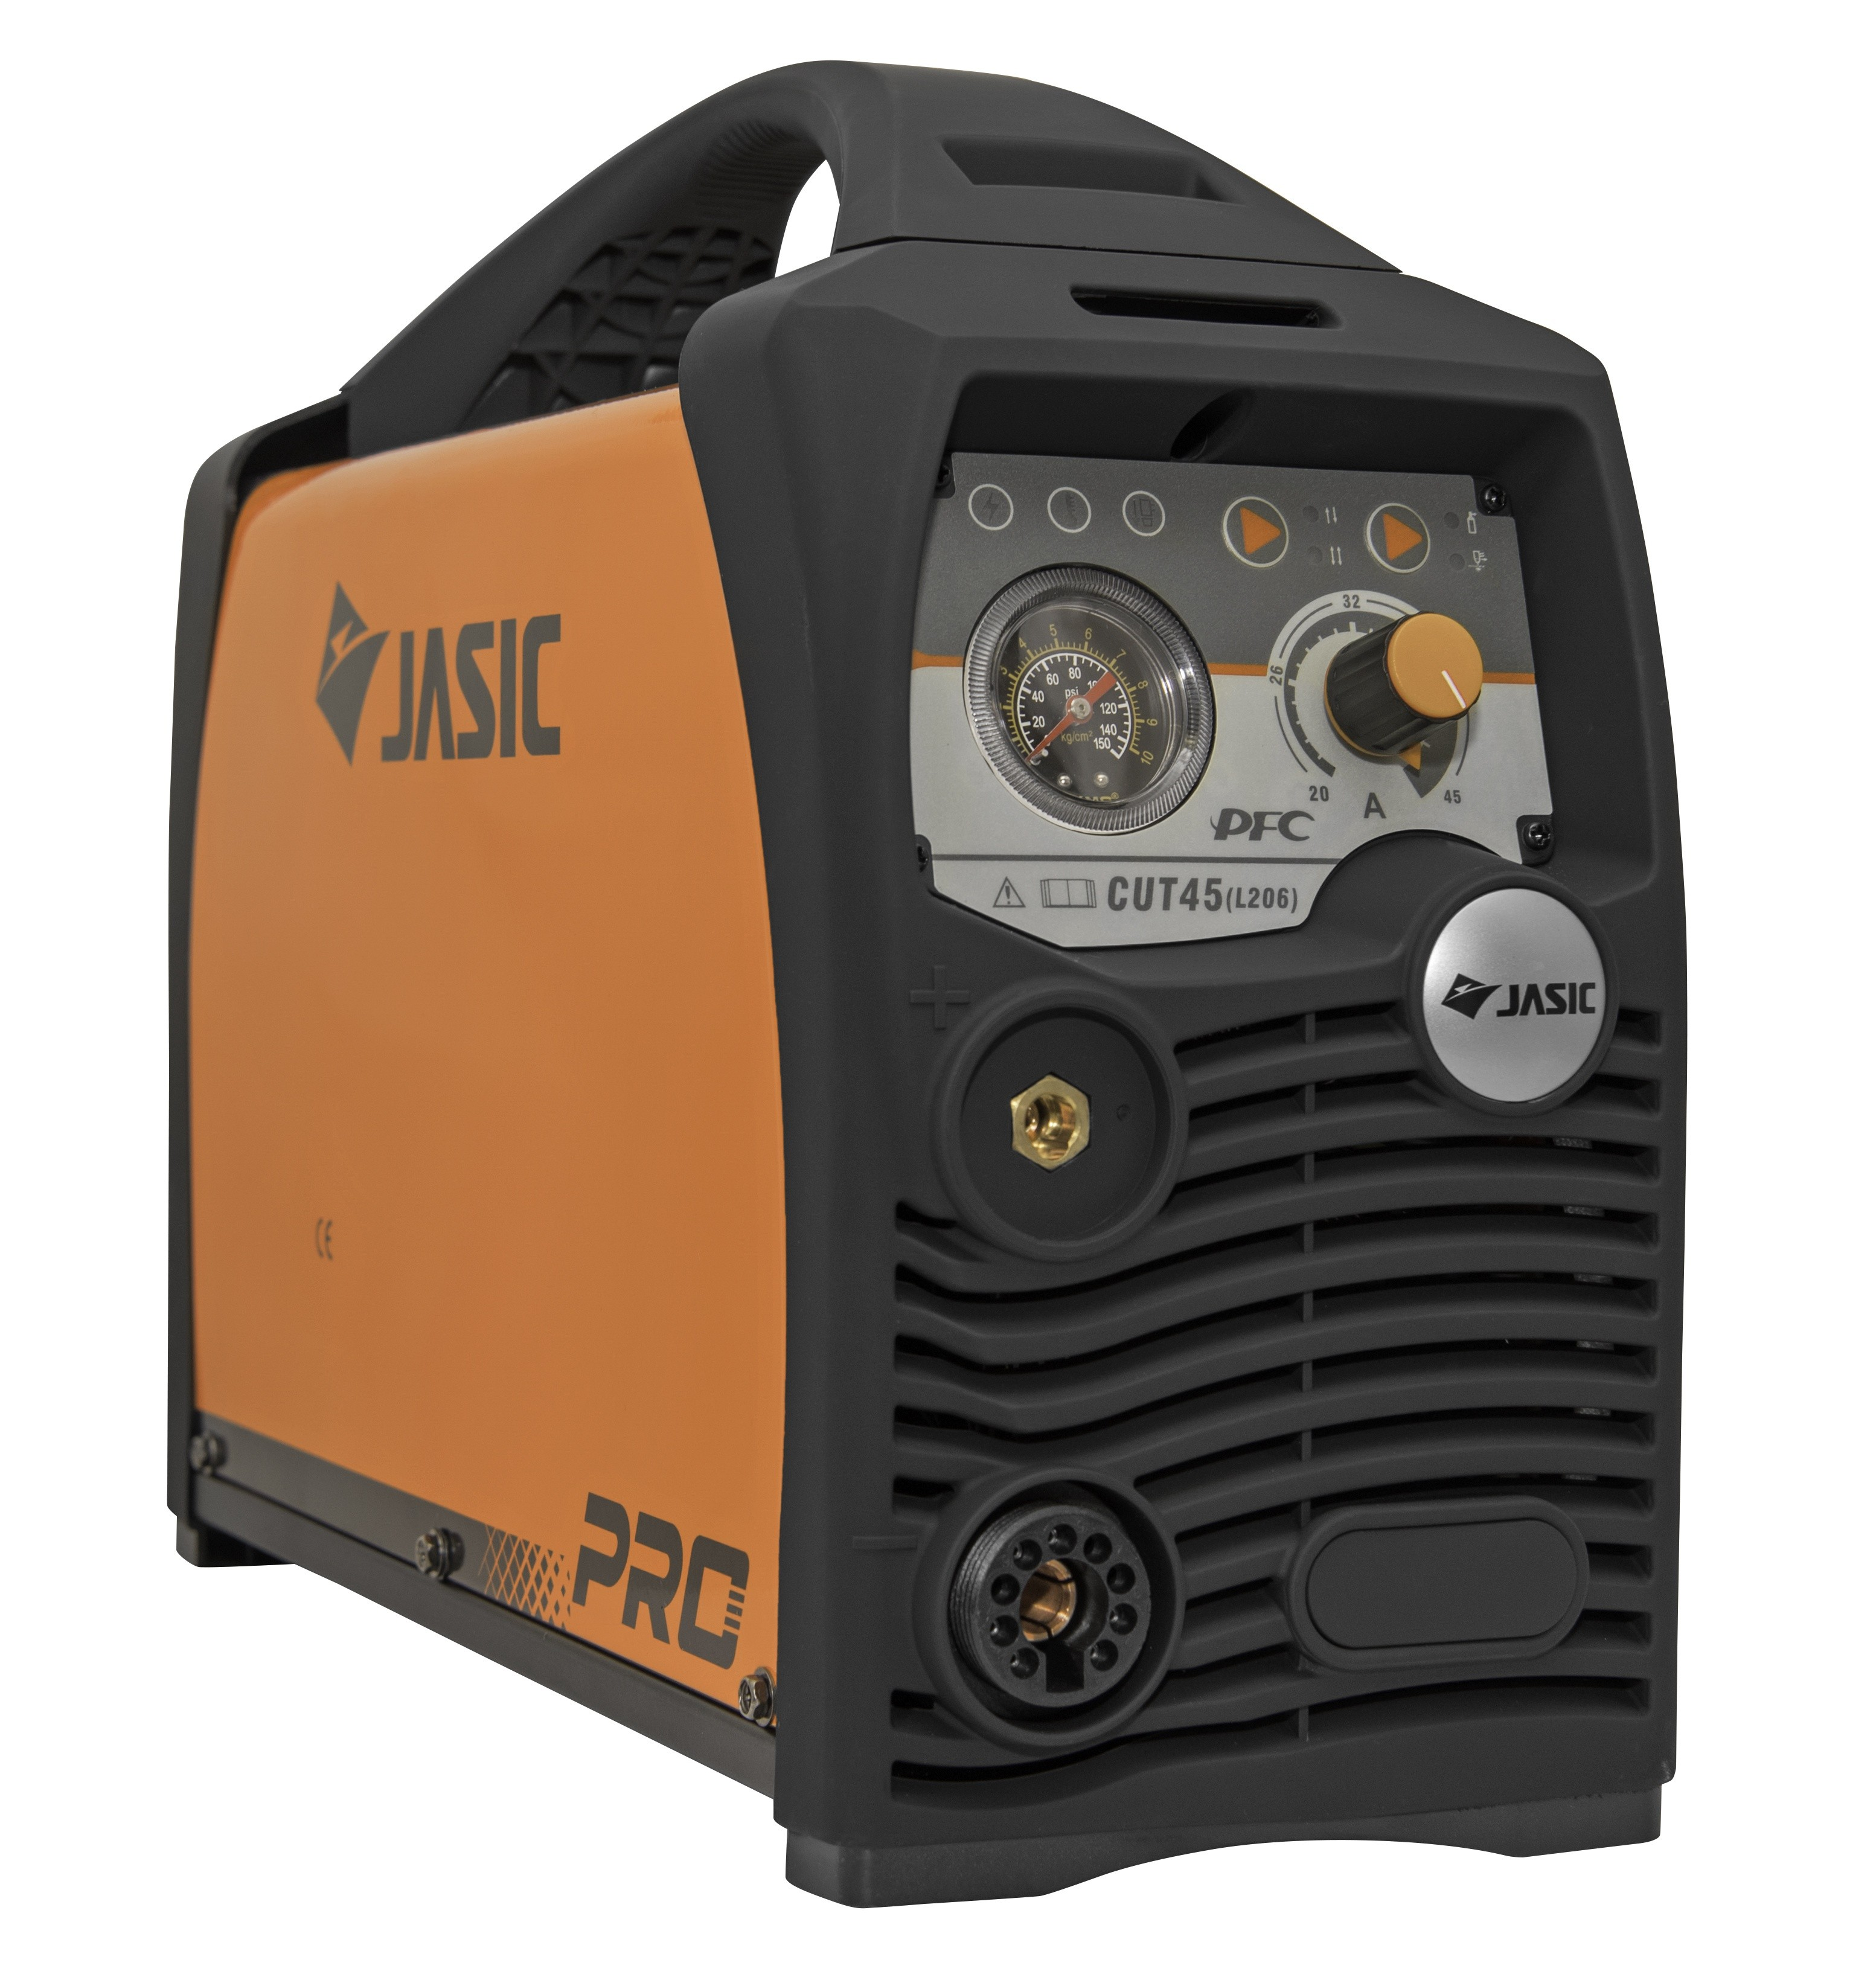 Jasic Plasma Cut 45 240V